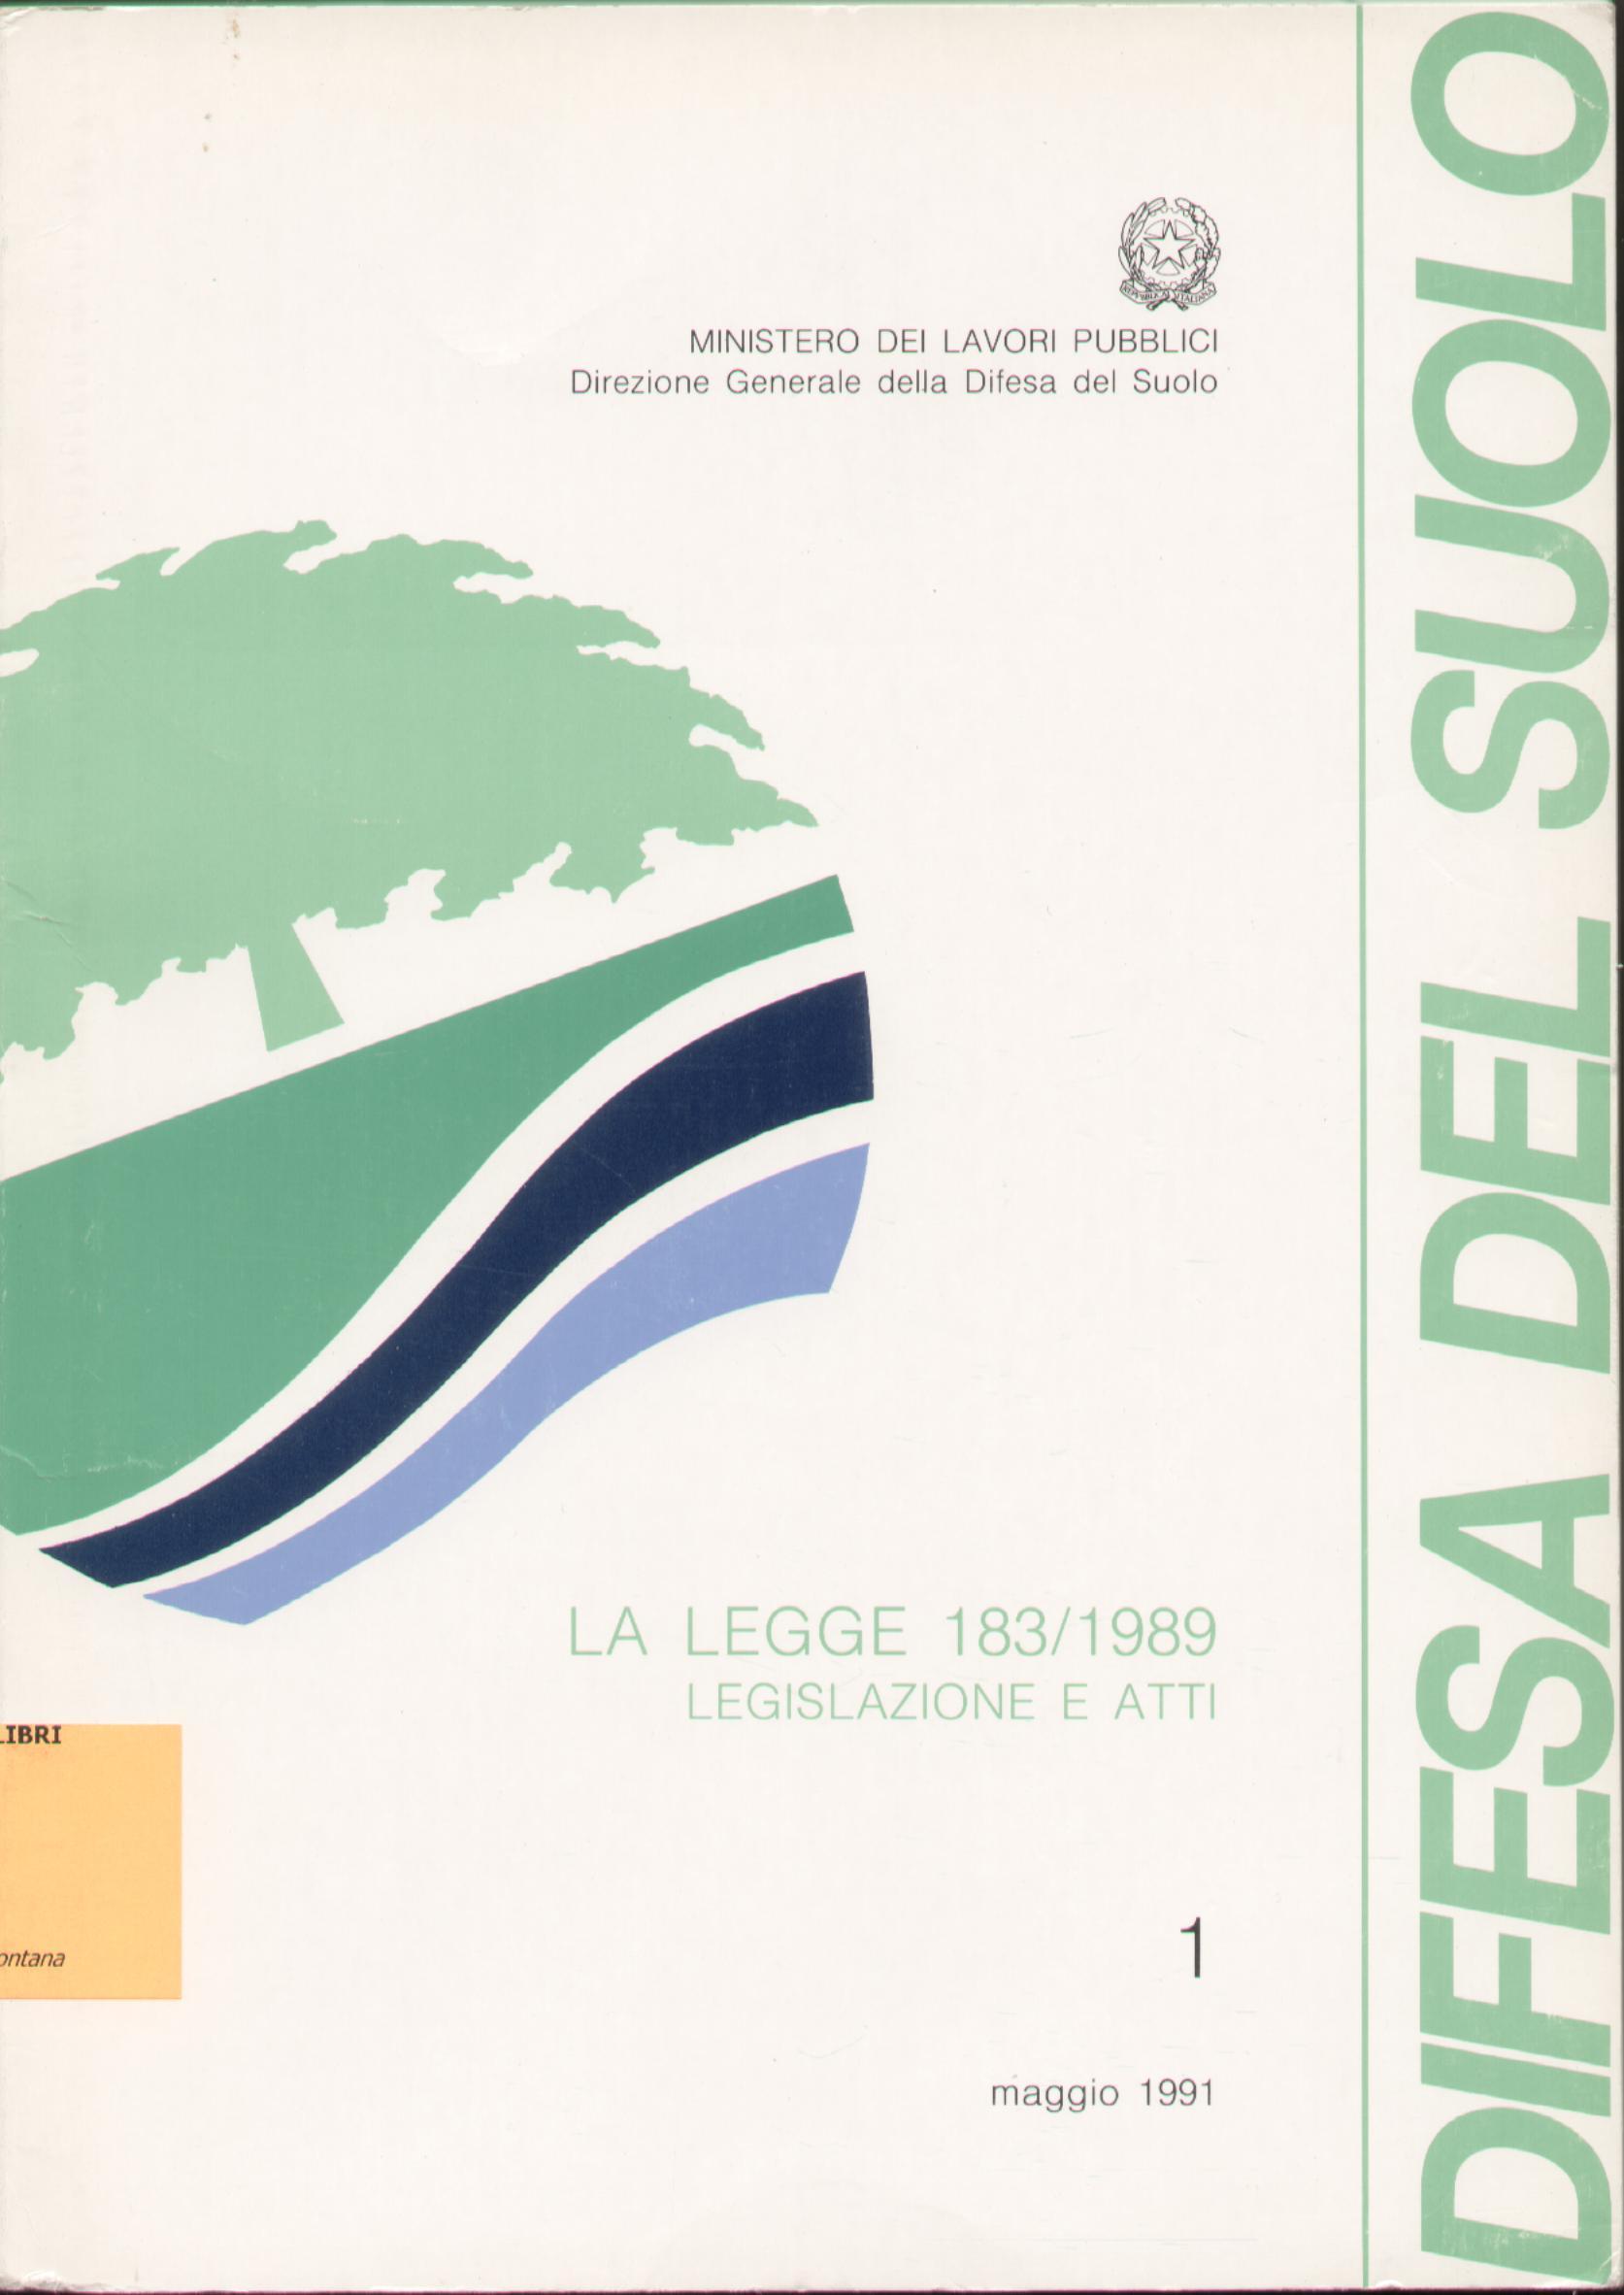 La Legge 183/1989